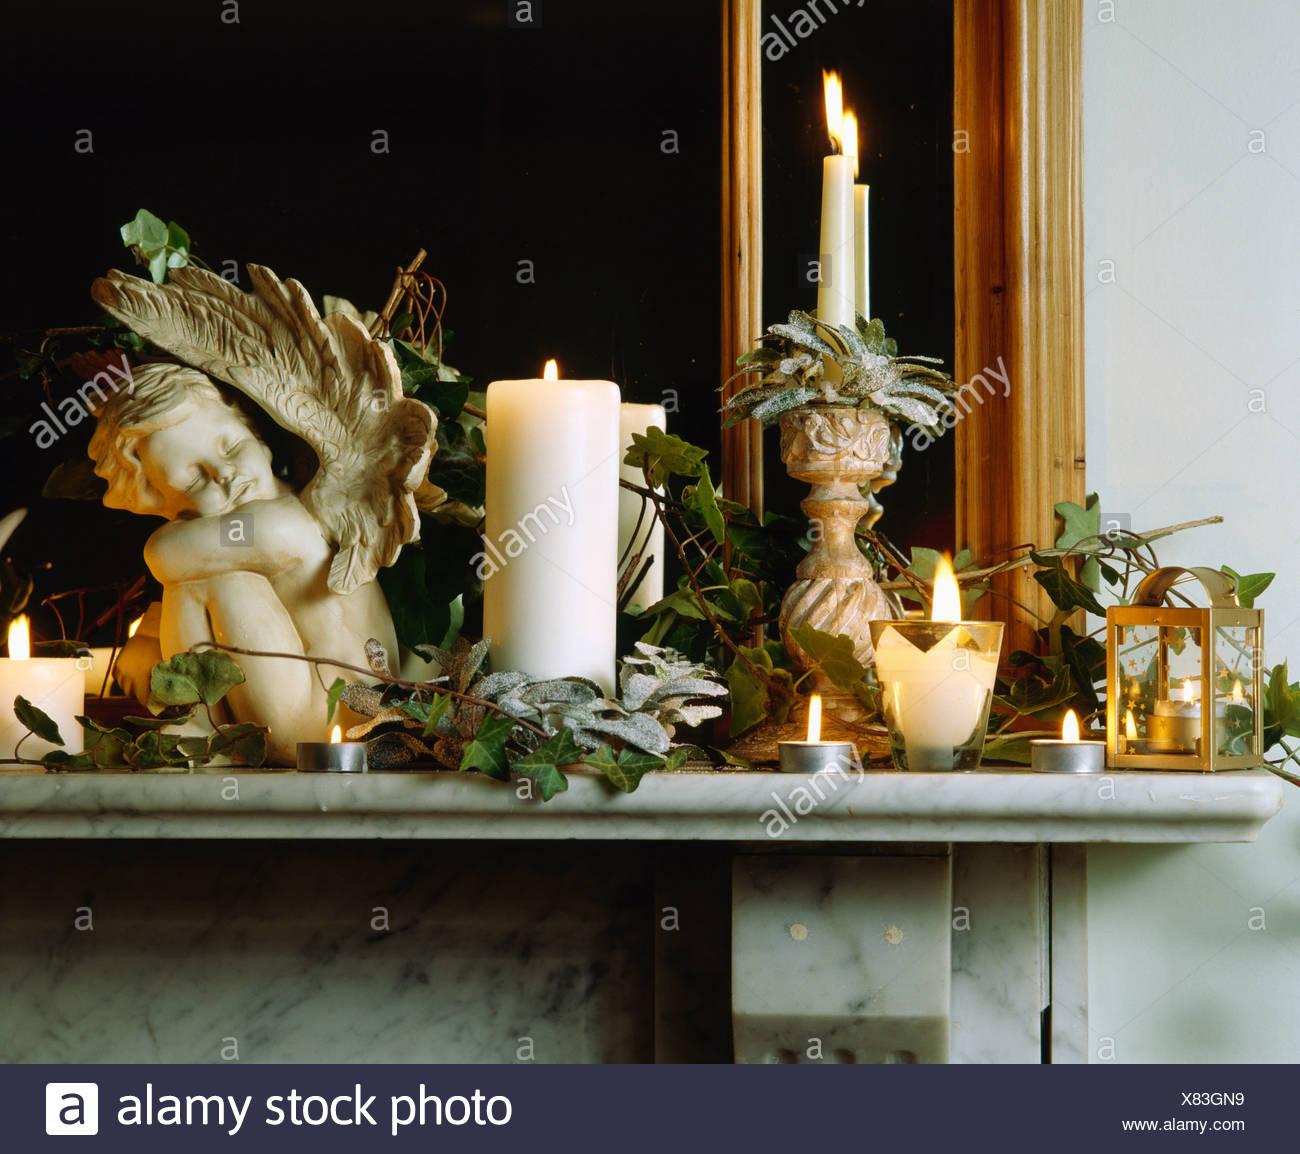 Nahaufnahme Von Cherub Und Brennenden Kerzen, Laternen Und Kerzen Auf  Marmor Kaminsims Dekoriert Für Weihnachten